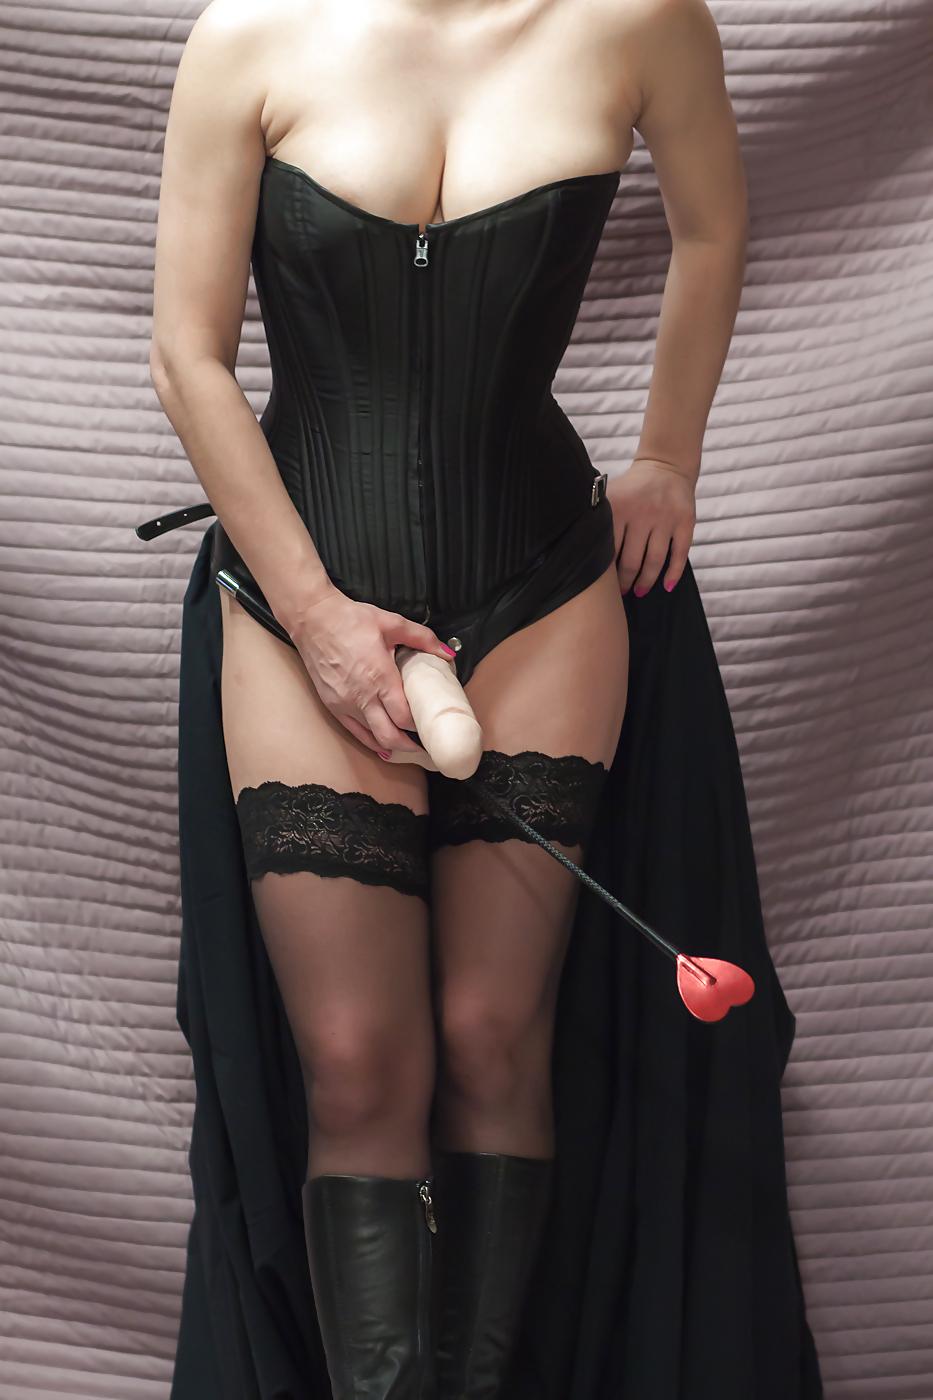 【海外エロ画像】野郎を掘るためのブツですwペニバン装備の女王様たちwww 15